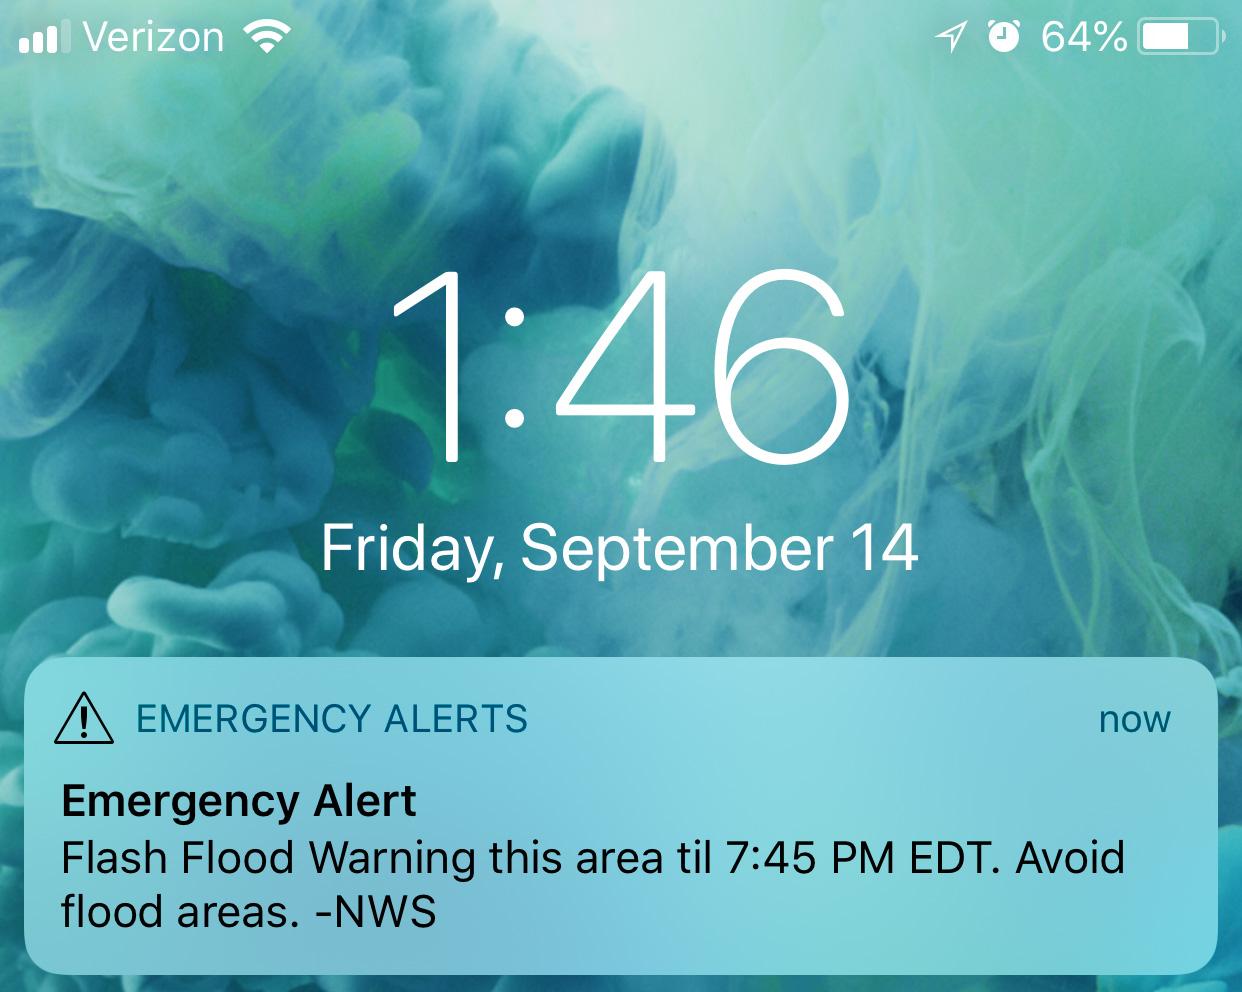 Cell phone screen shot of an Emergency Alert